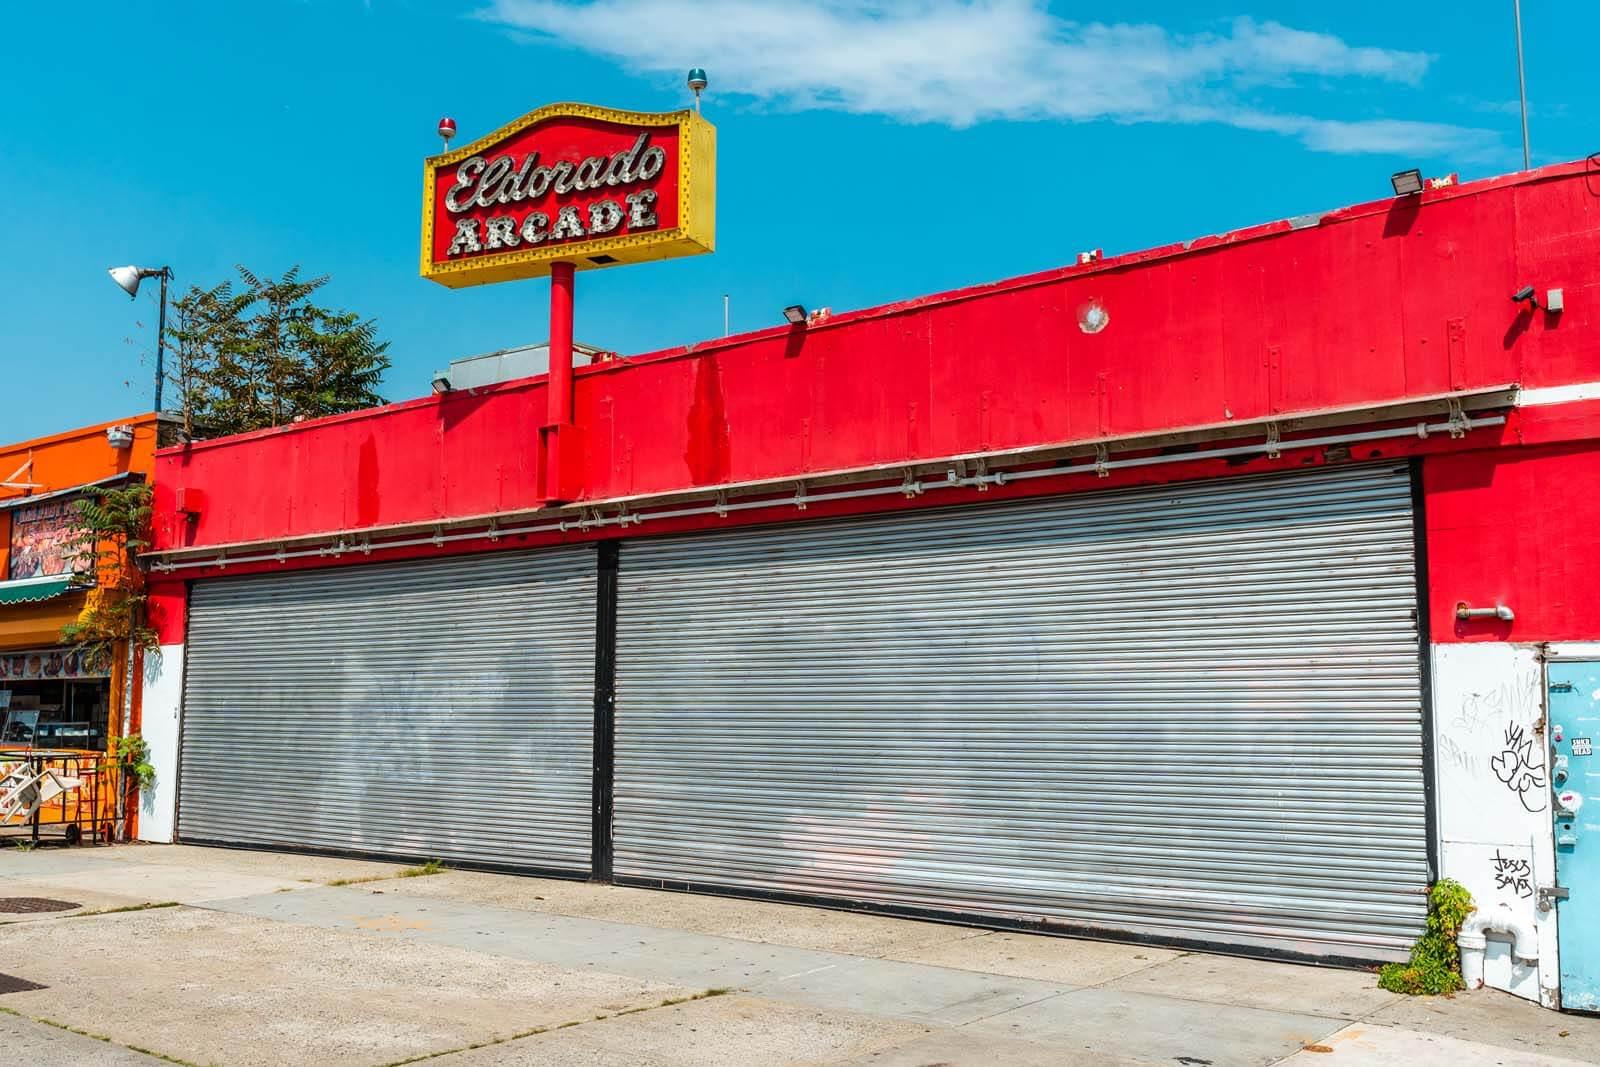 El Dorado Arcade and Bumper Cars in Coney Island